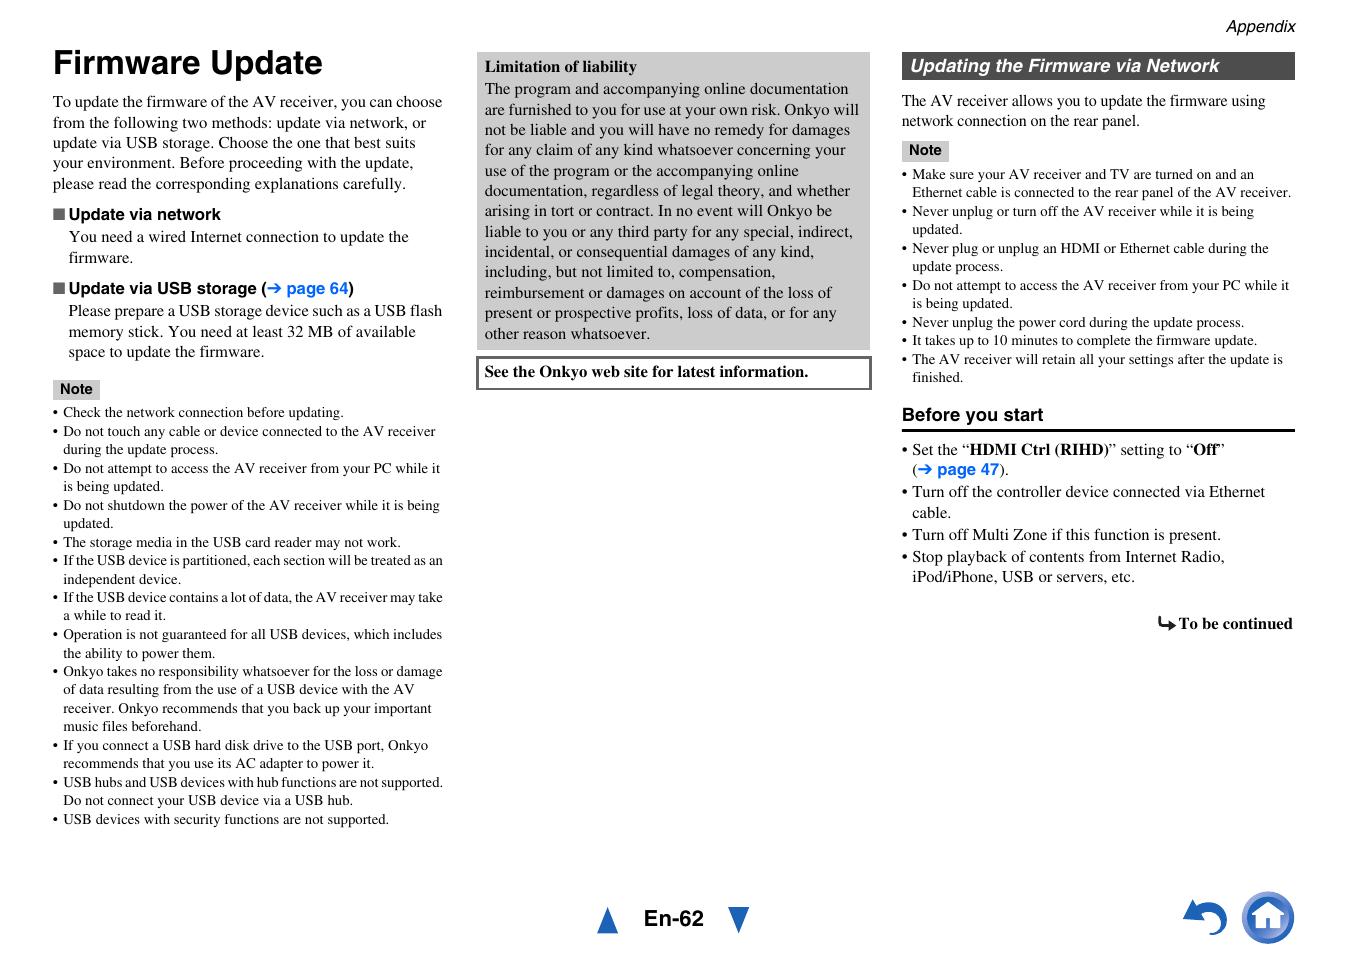 Ht D5000 Hack: Firmware Update, Procedure, En-62